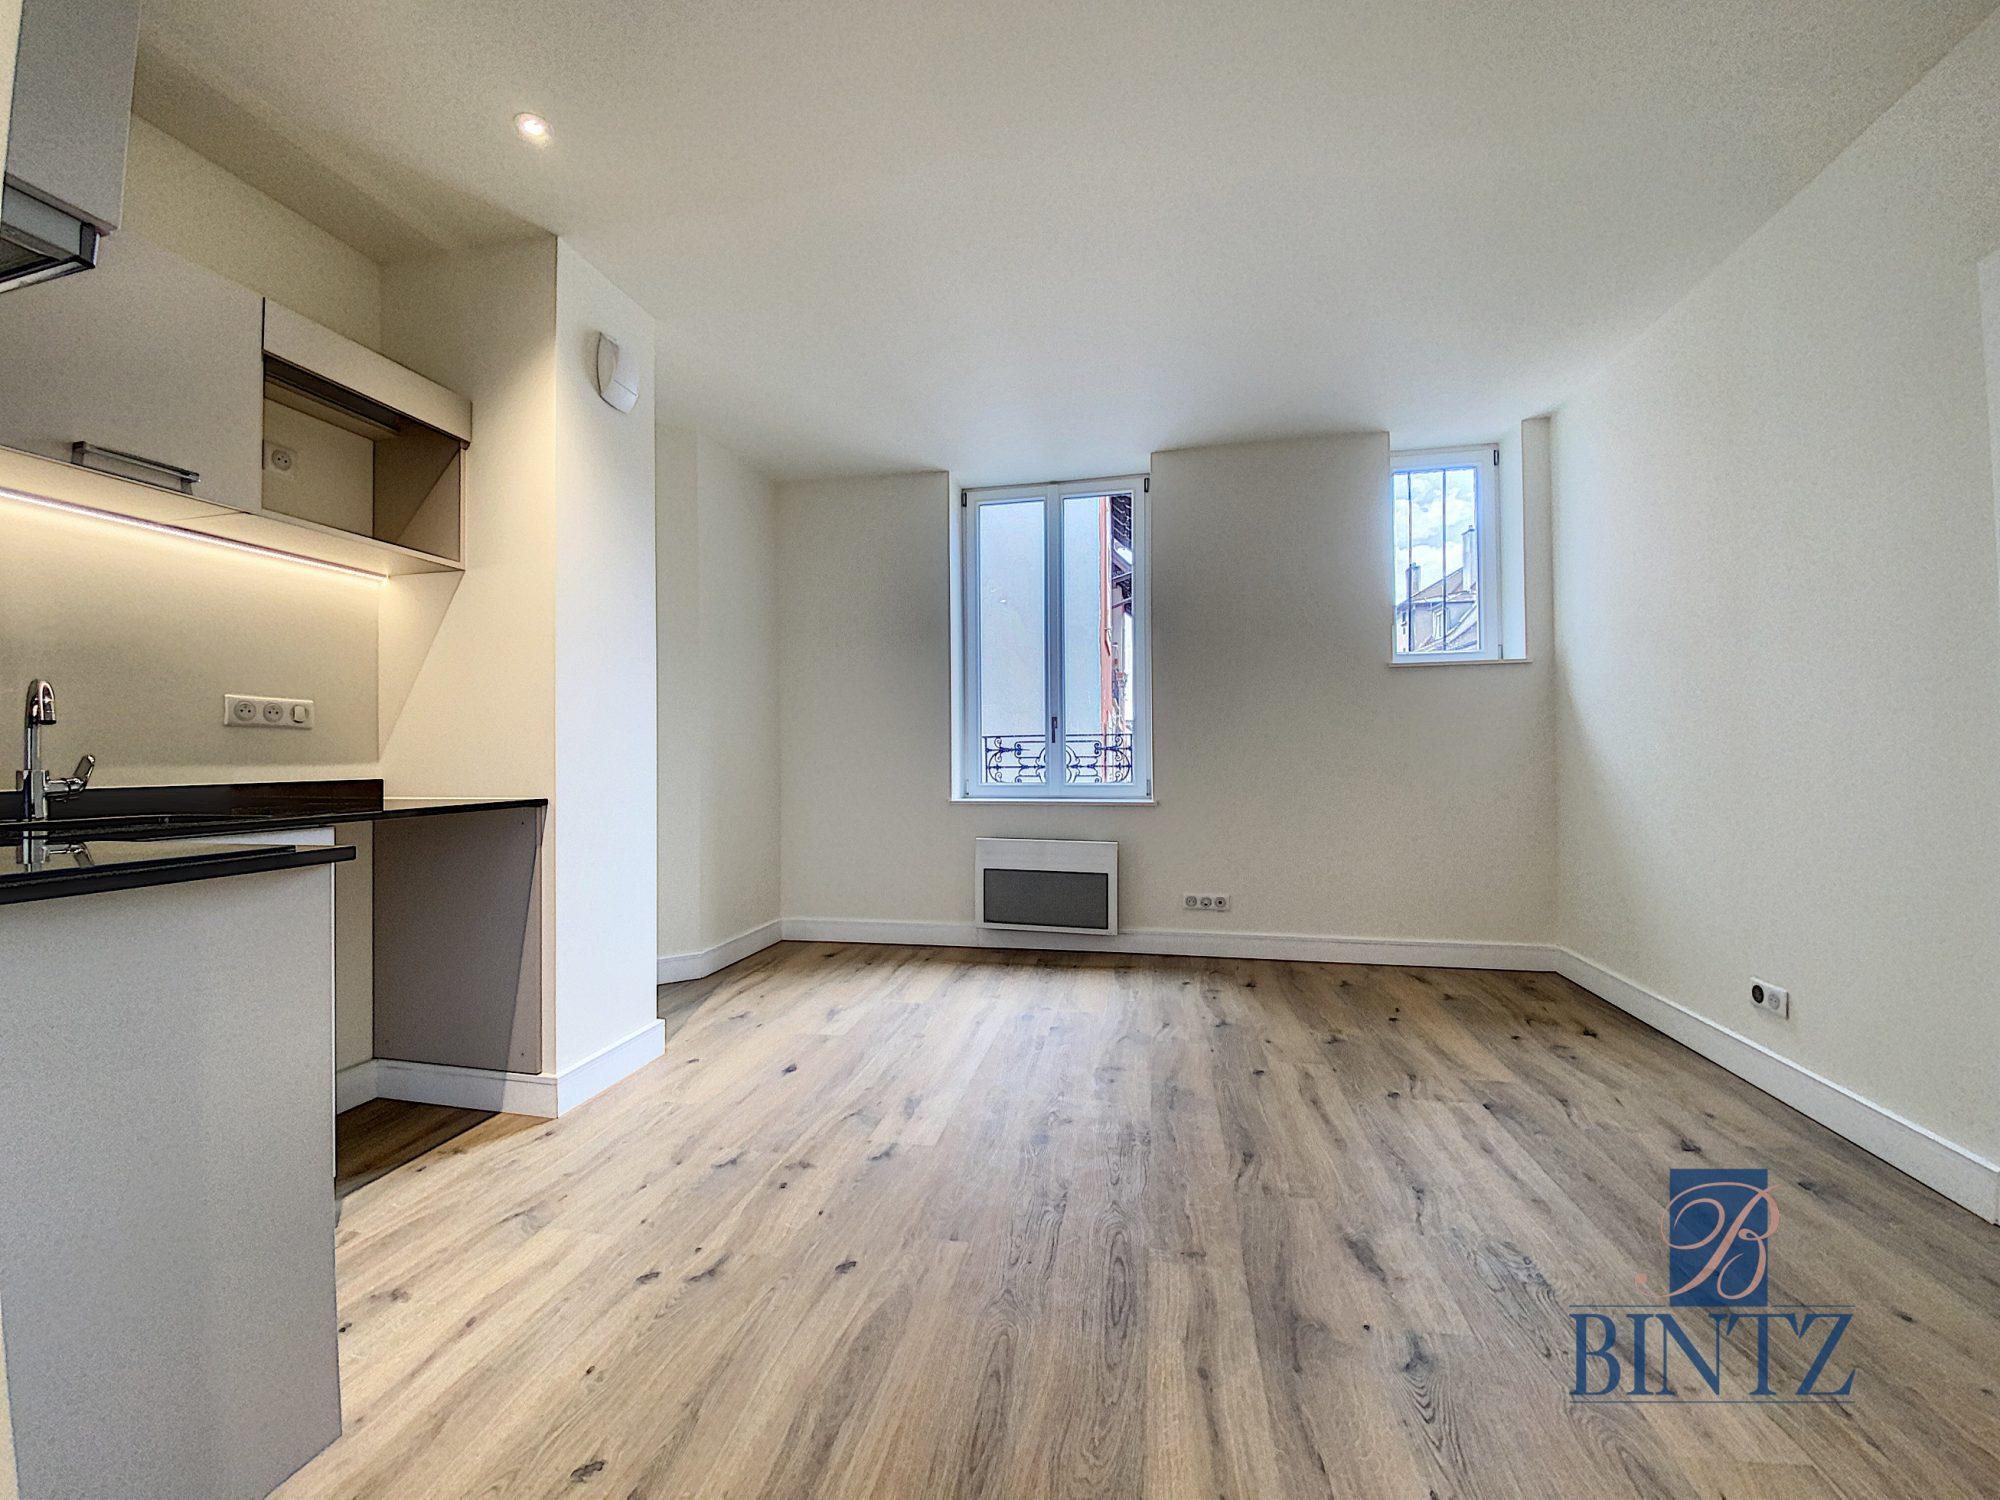 2 Pièces neuf avec balcon - Devenez locataire en toute sérénité - Bintz Immobilier - 13